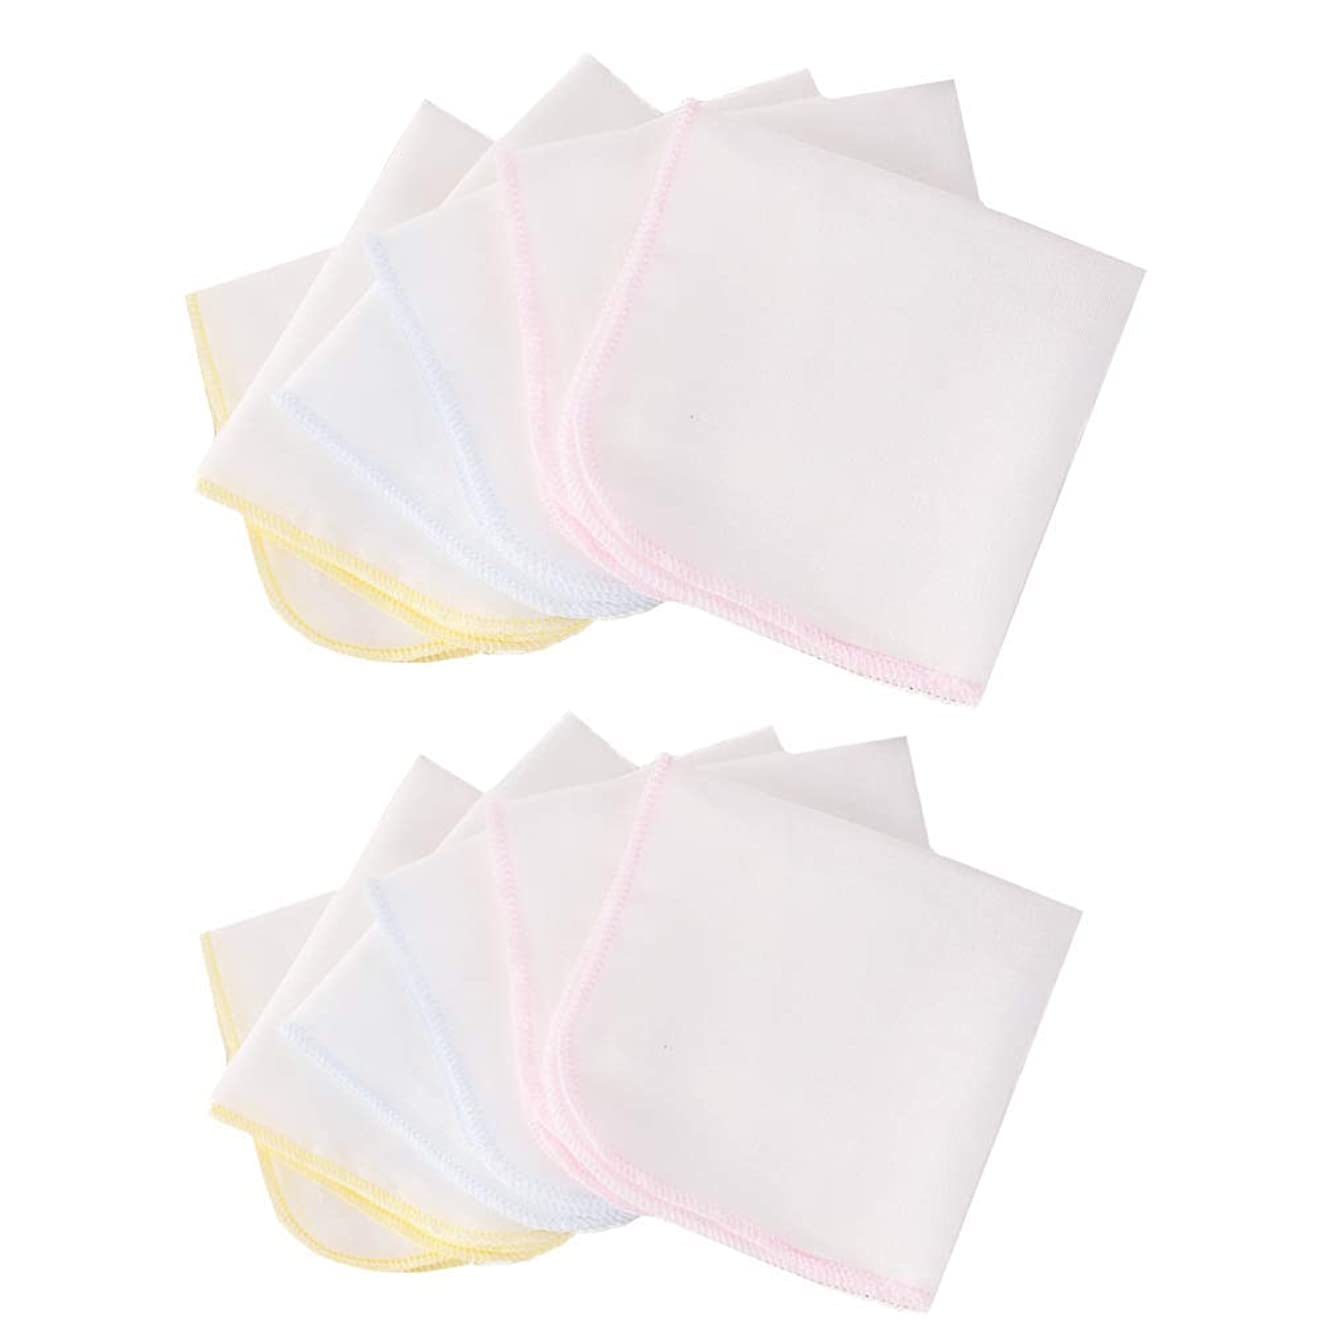 会計追放する送ったガーゼハンカチ 綿100% ベビータオル ベビービブ ダブルガーゼハンカチ 柔らかい 保育園 出産祝い 12枚